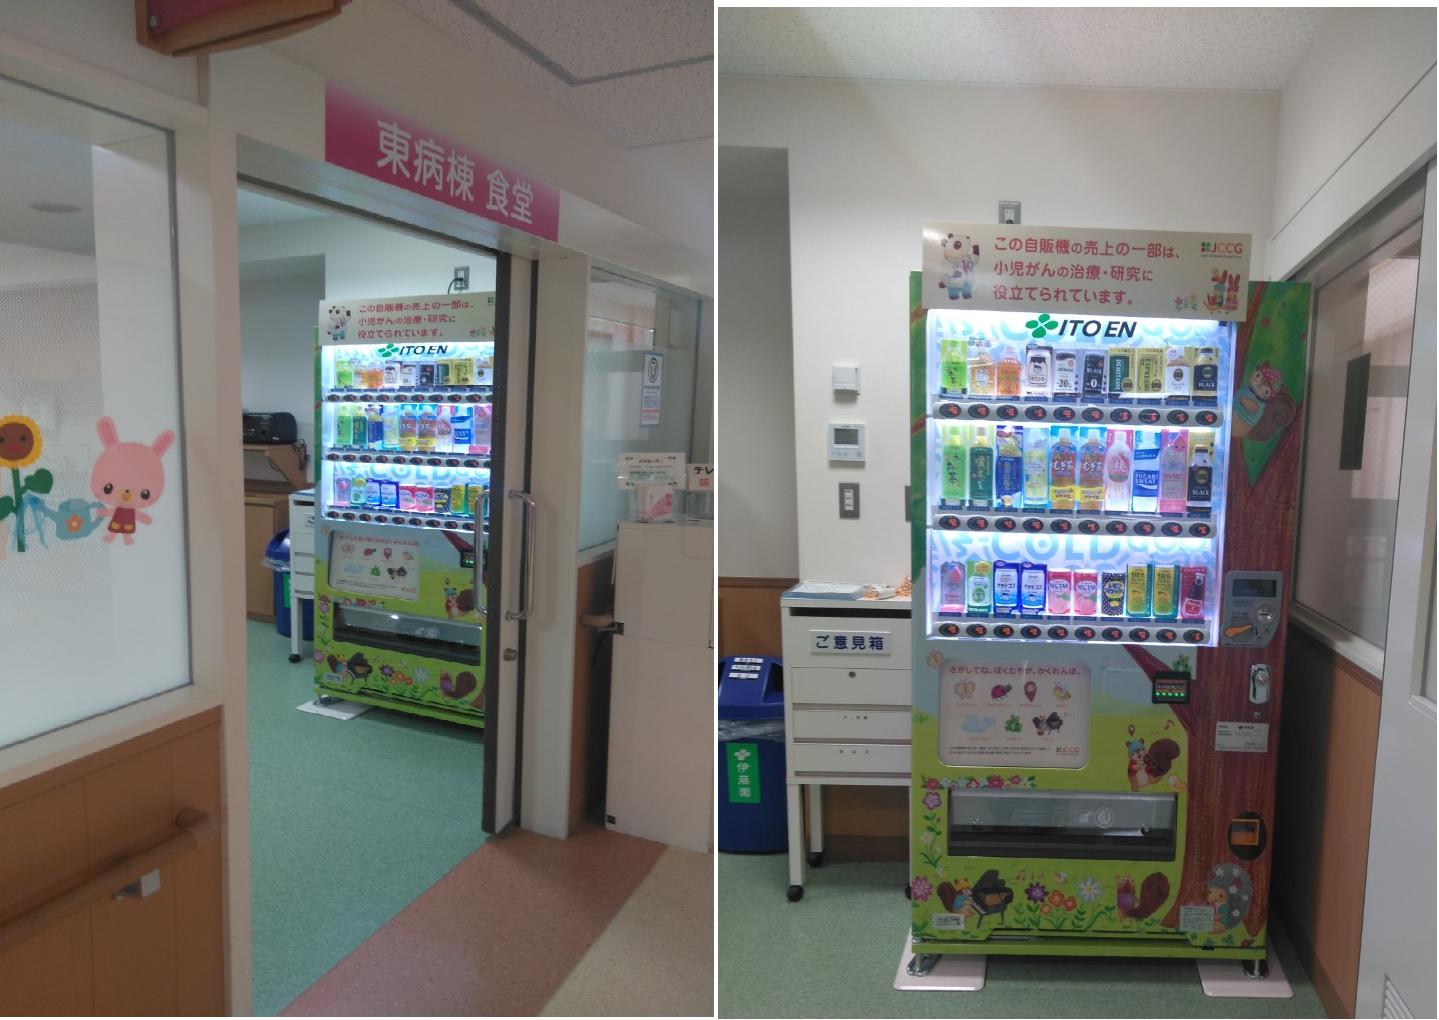 【大分大学医学部附属病院】(大分県)4階東病棟